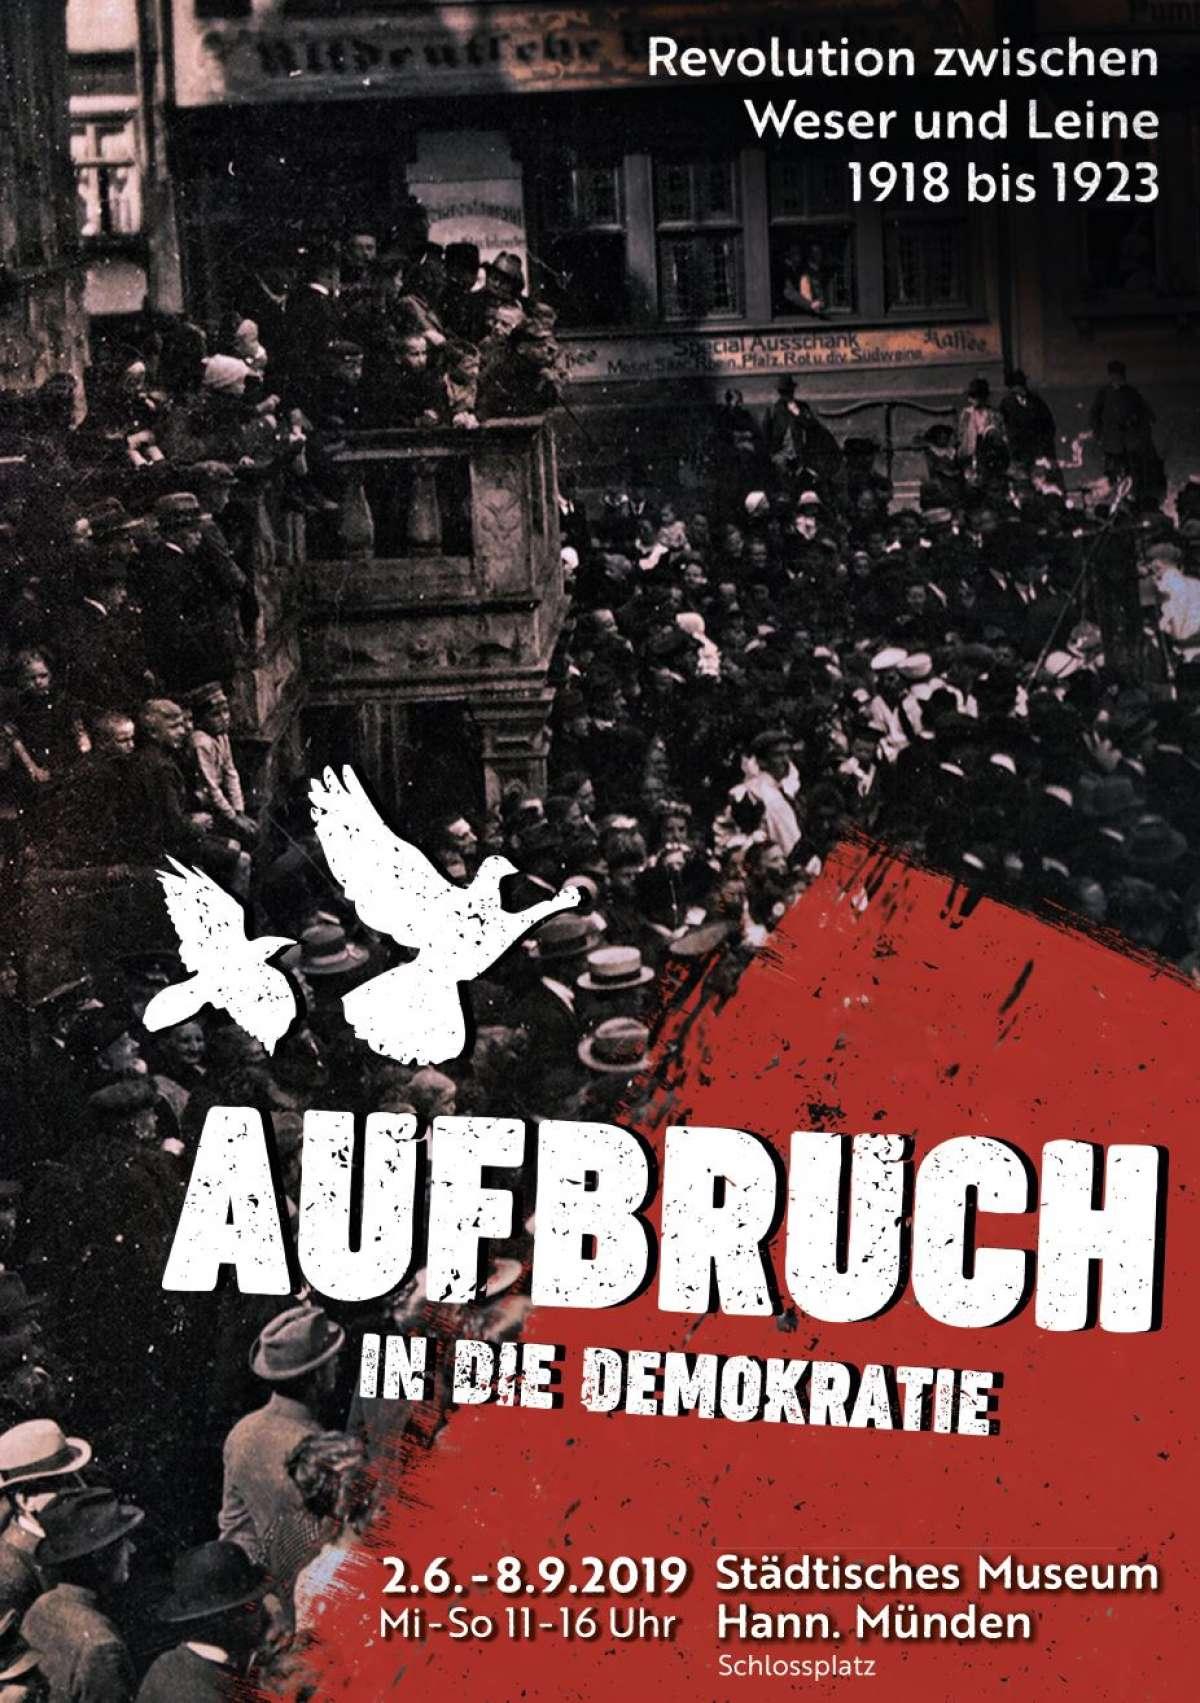 Aufbruch in die Demokratie– Revolution zwischen Weser und Leine 1918 – 1923  - Städtisches Museum Welfenschloss - Hann. Münden